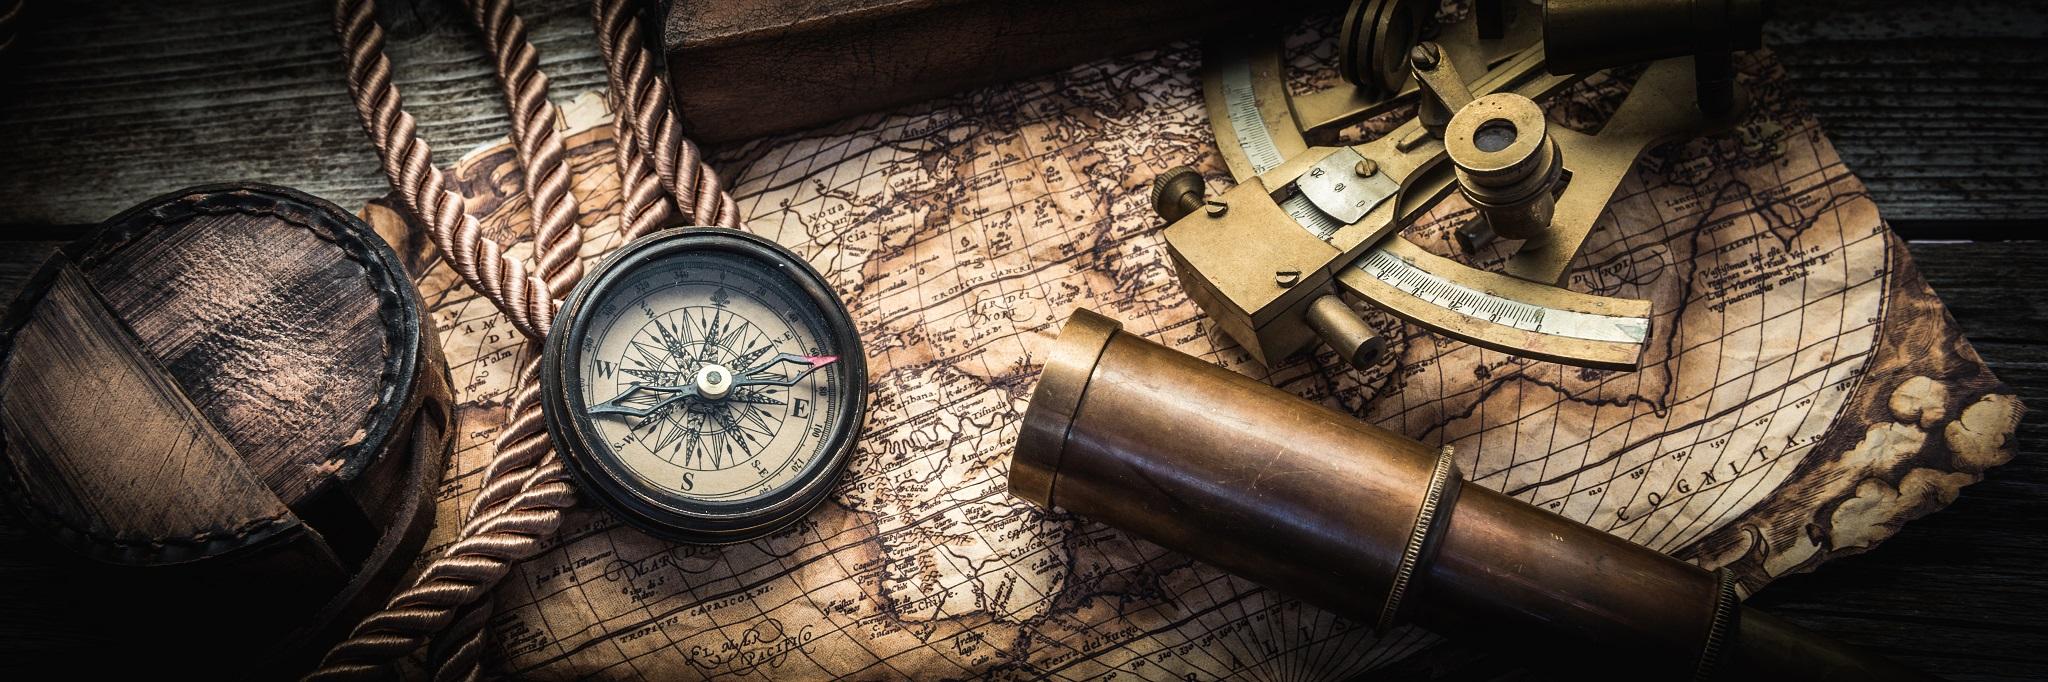 Nature morte vintage: compas, sextant et longue-vue.